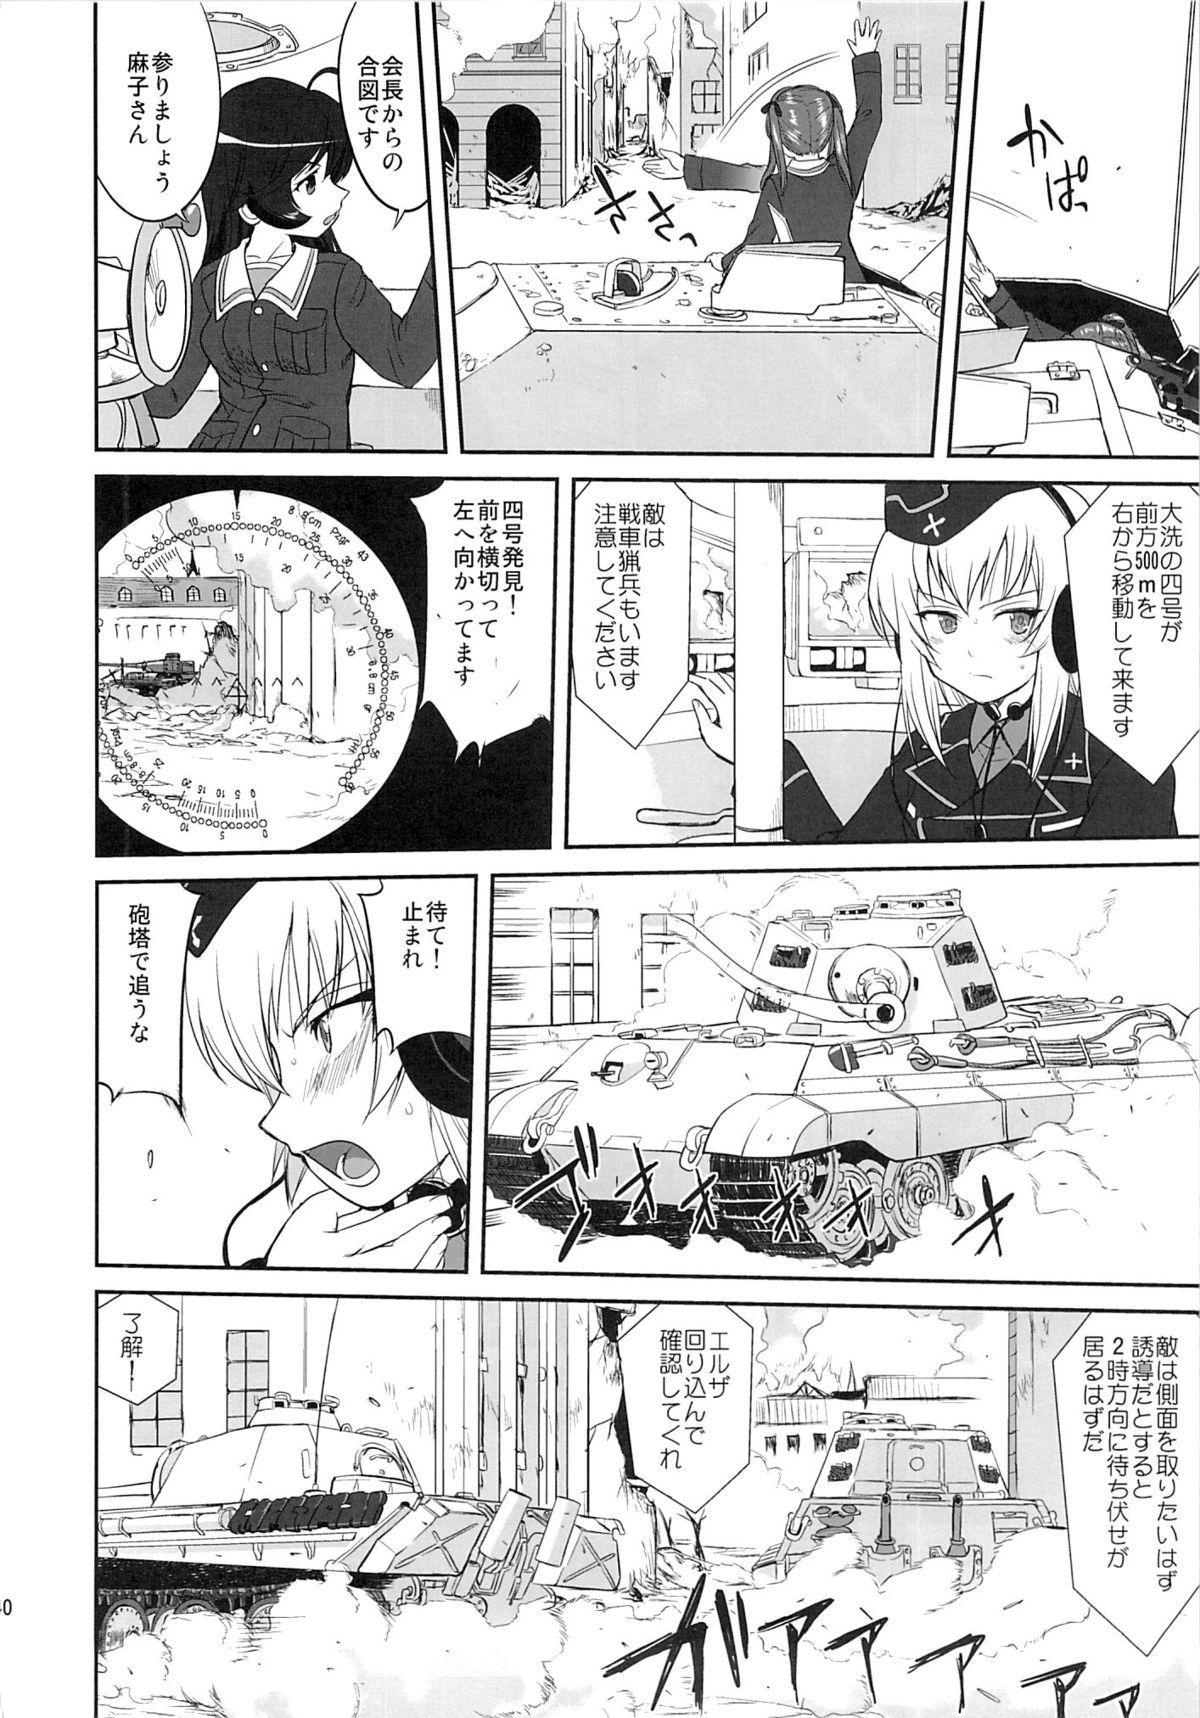 Yukiyukite Senshadou Kuromorimine no Tatakai 38